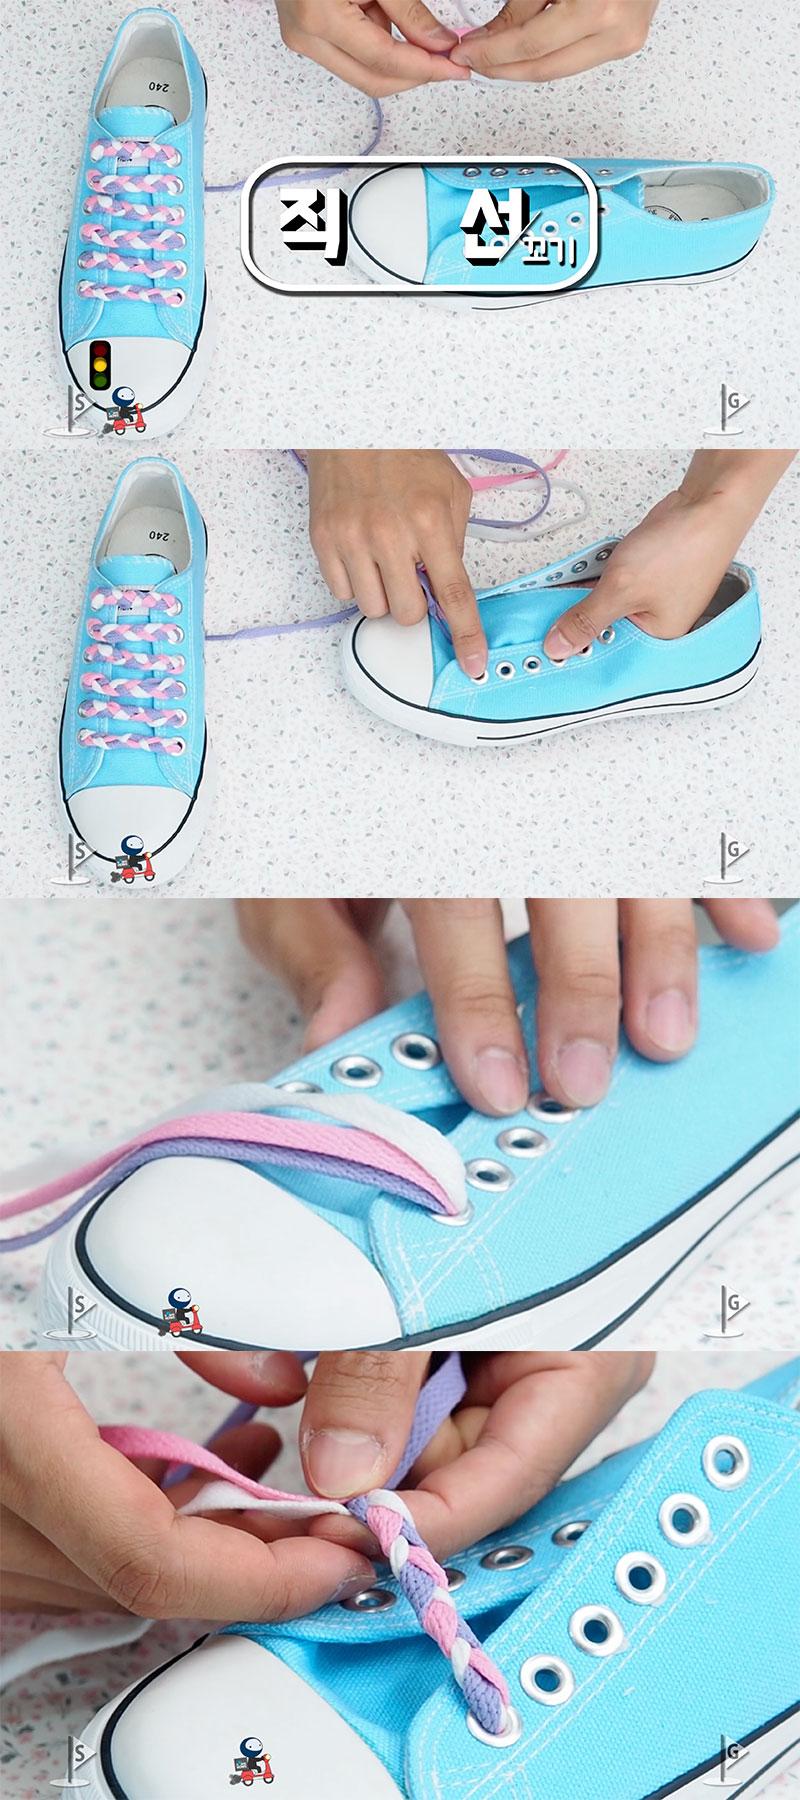 04 shoe laces 01